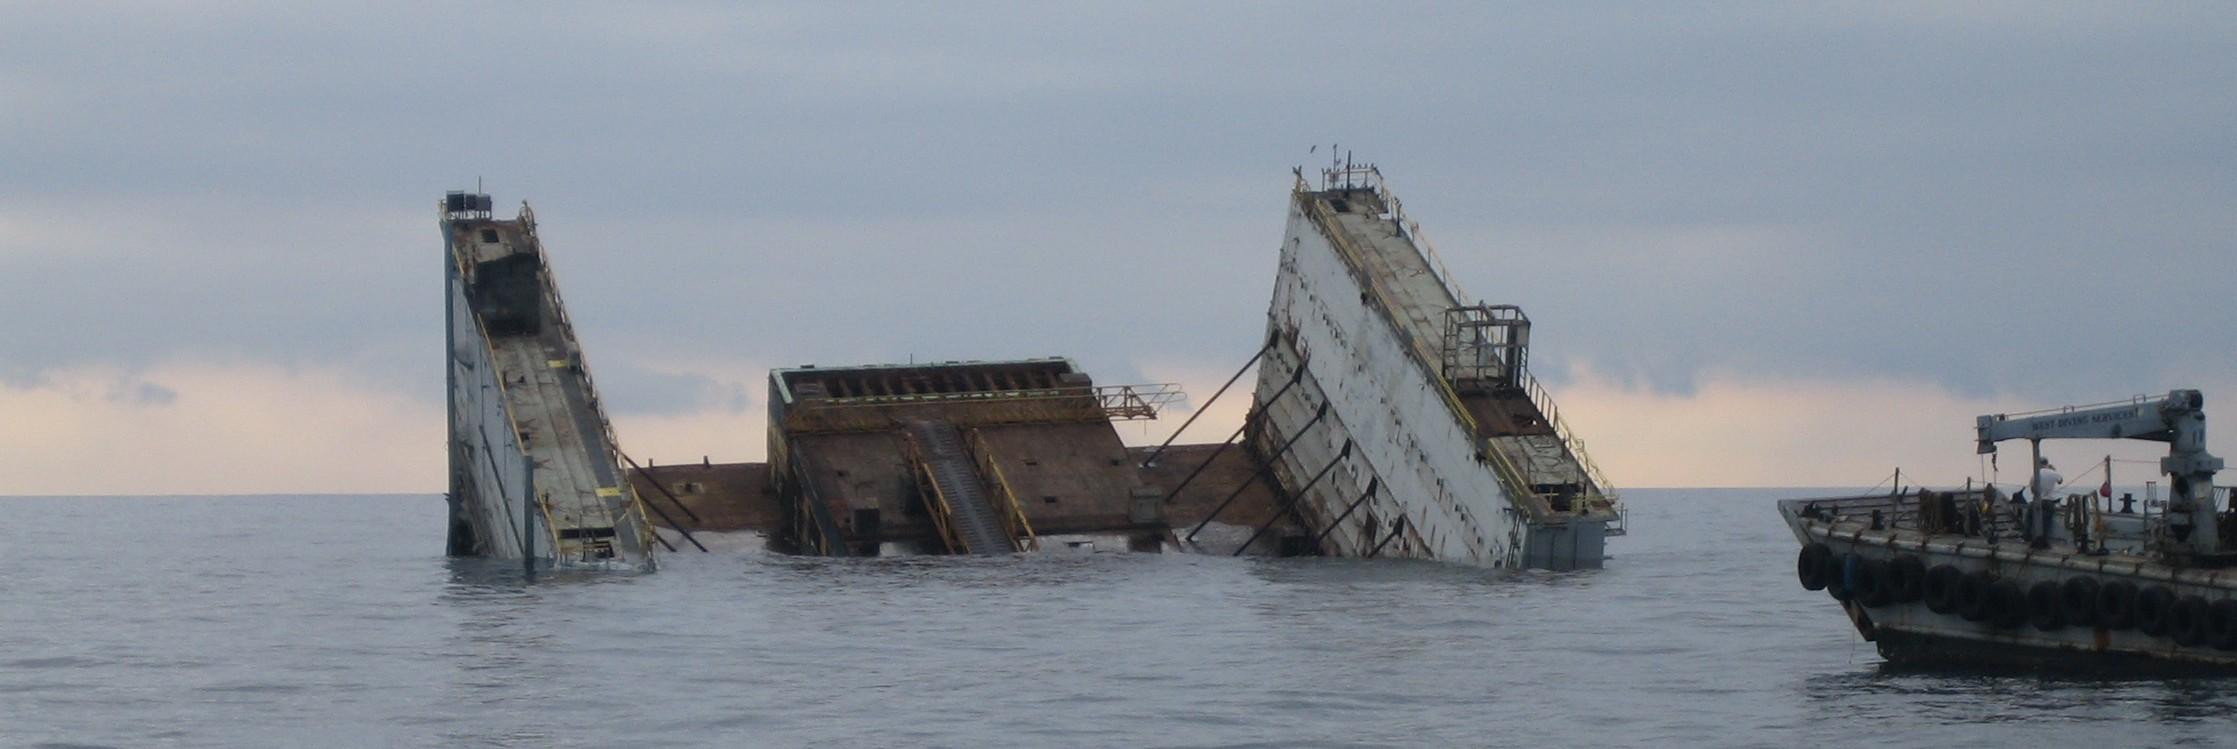 Dry Dock Scuttling